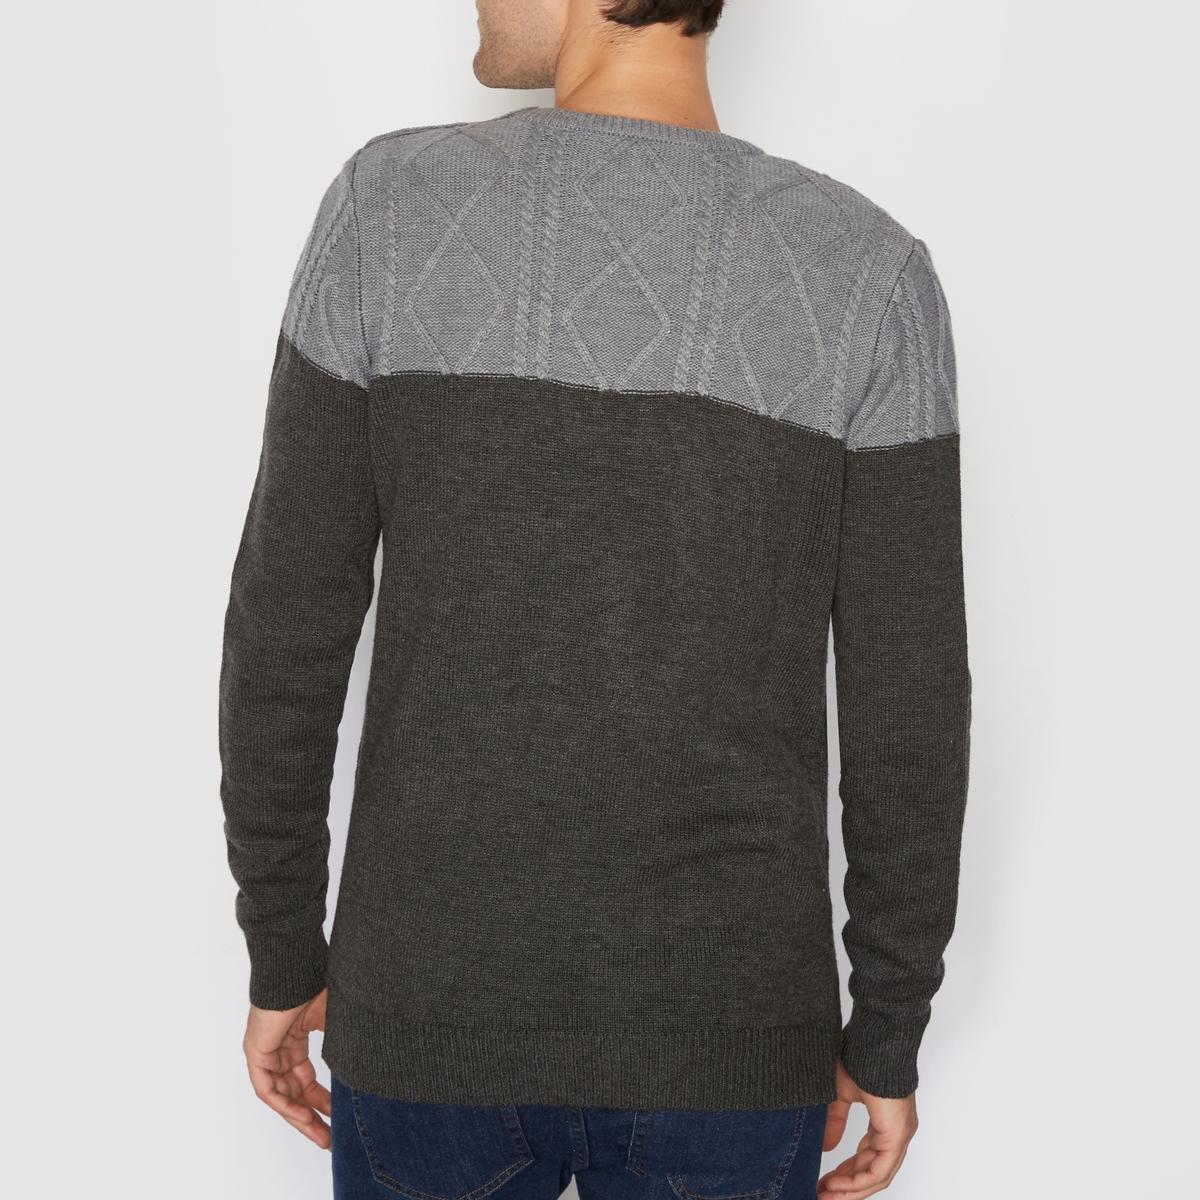 Пуловер двухцветный с узором косыДвухцветный пуловер. Длинные рукава. Круглый вырез. Супатная застежка на 3 пуговицы на плече. Узор косы вверху.Состав и описаниеМатериал : 100% акрилаМарка : R EditionУходСм. рекомендации по уходу, указанные на этикетке изделия<br><br>Цвет: серый меланж<br>Размер: XXL